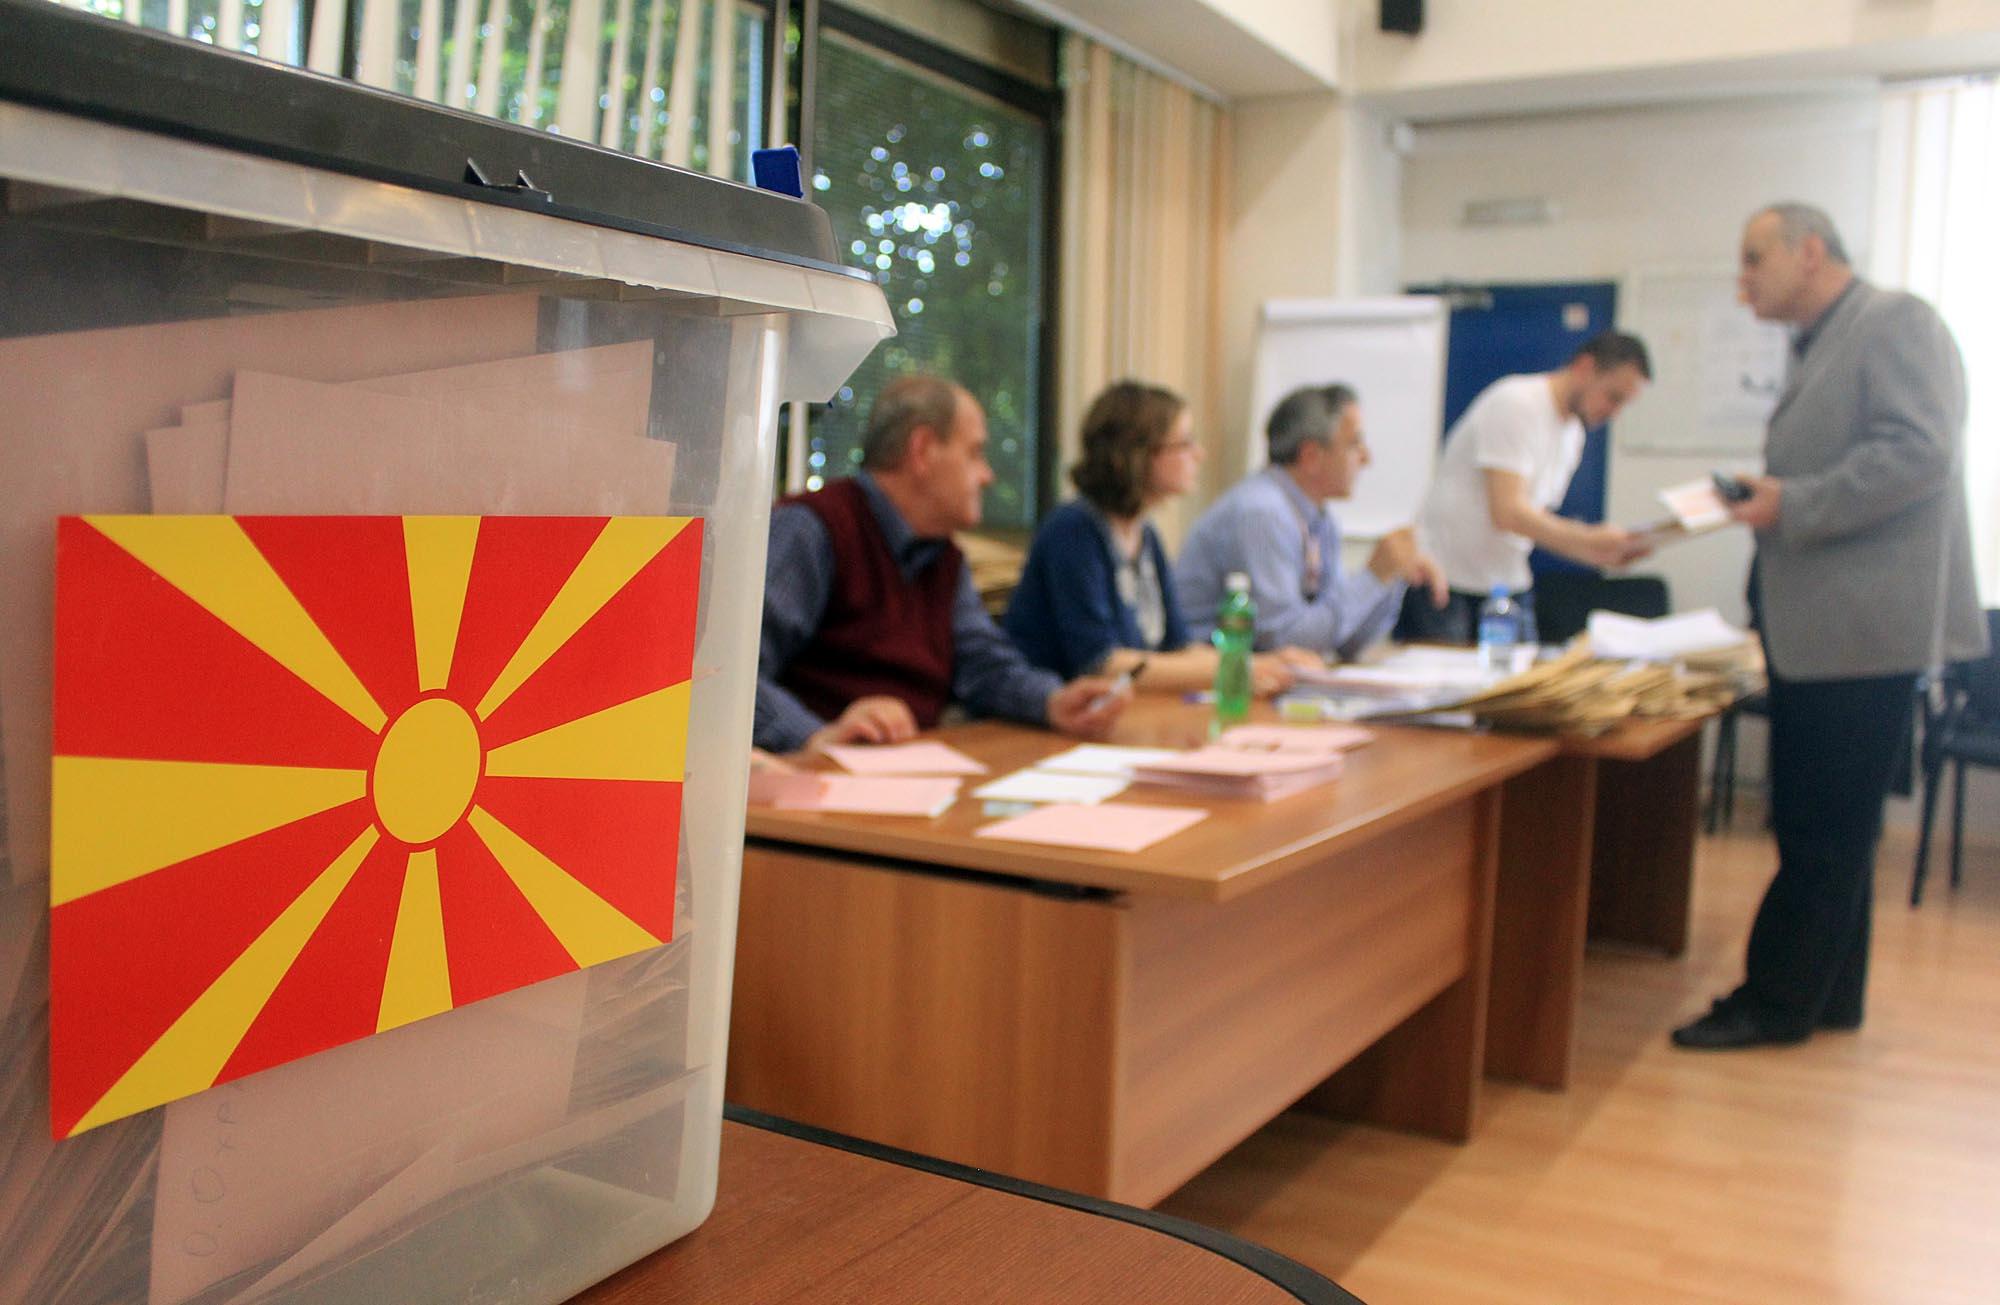 """Прислушуваните разговори што лани ги објави претседателот на СДСМ, Зоран Заев откриваат дека во скопската општина Центар во 2013, покрај гласачи од Пустец, имало """"доселеници"""" и од градови во внатрешноста на Македонија / Фото: МИА"""